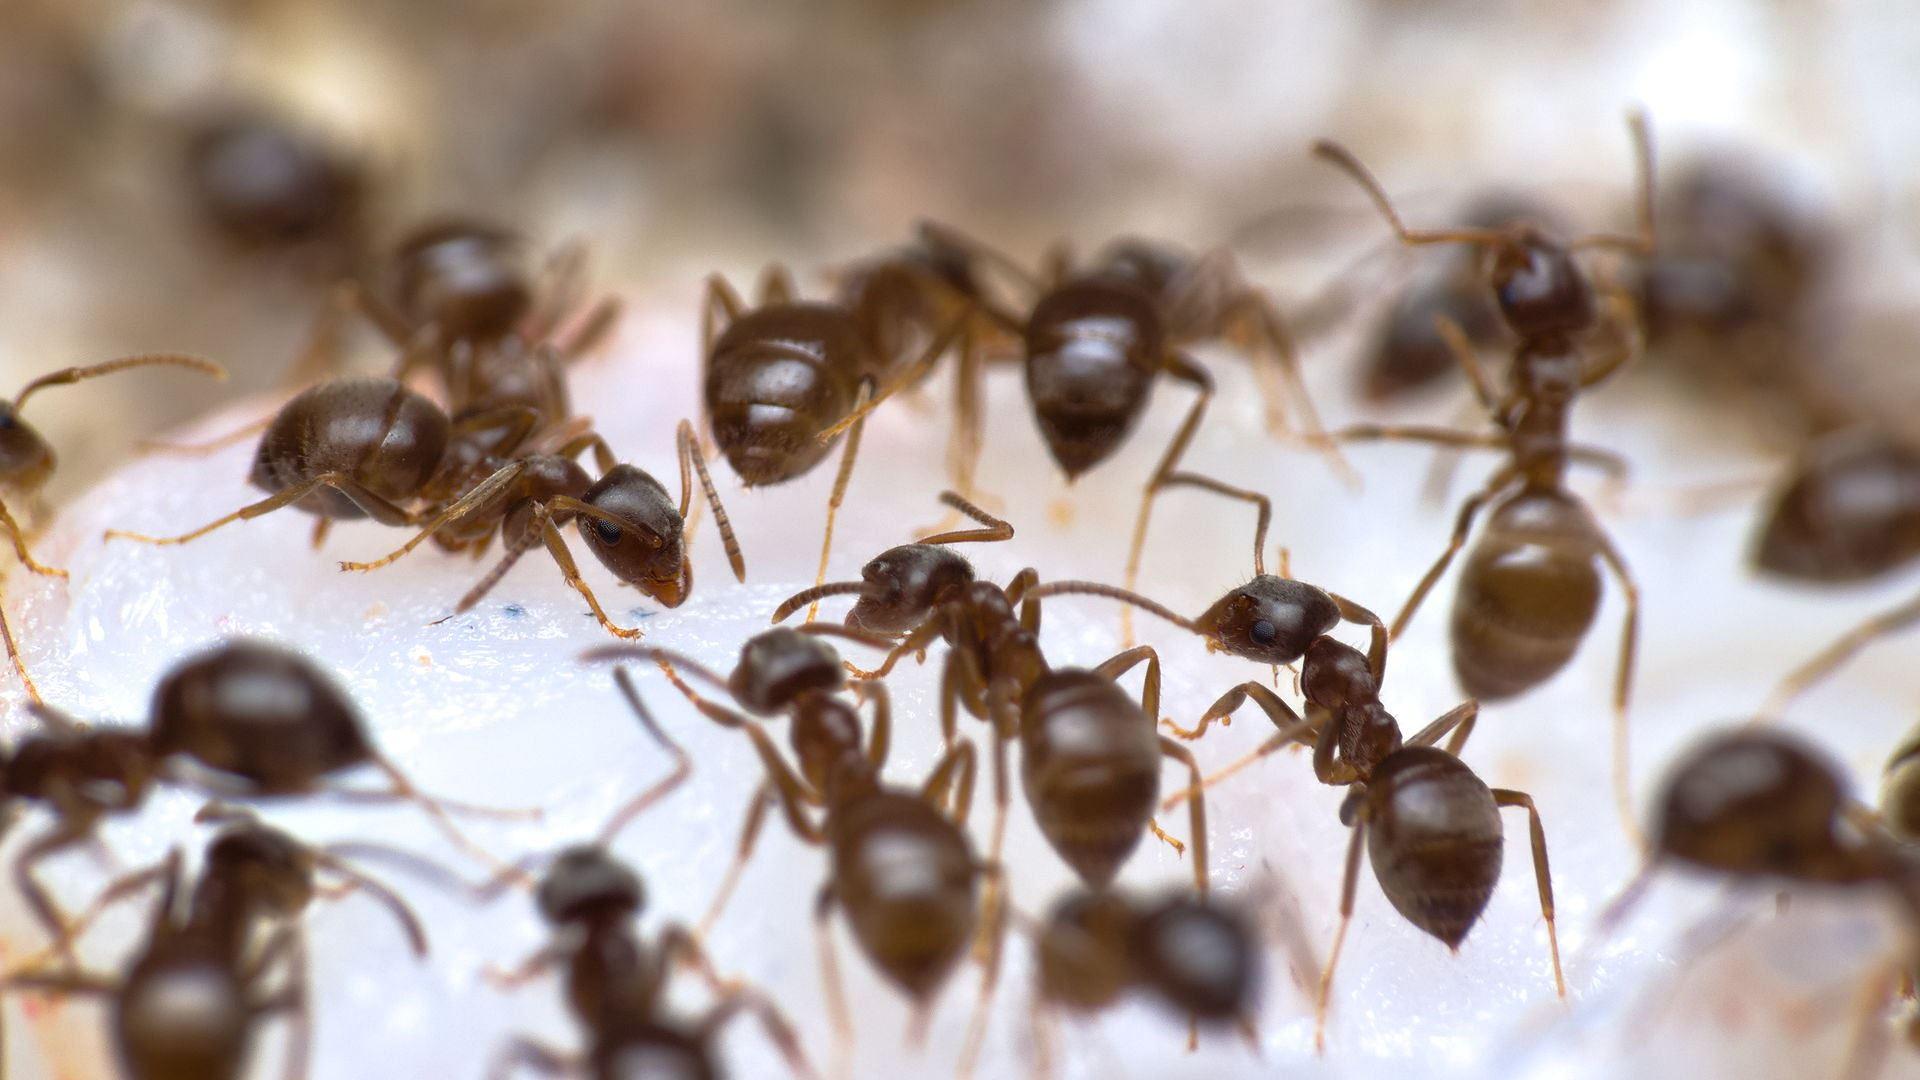 Mehrere Lasius niger Arbeiterinnen nehmen salzige Flüssigkeit von der Oberfläche des Shrimps auf.